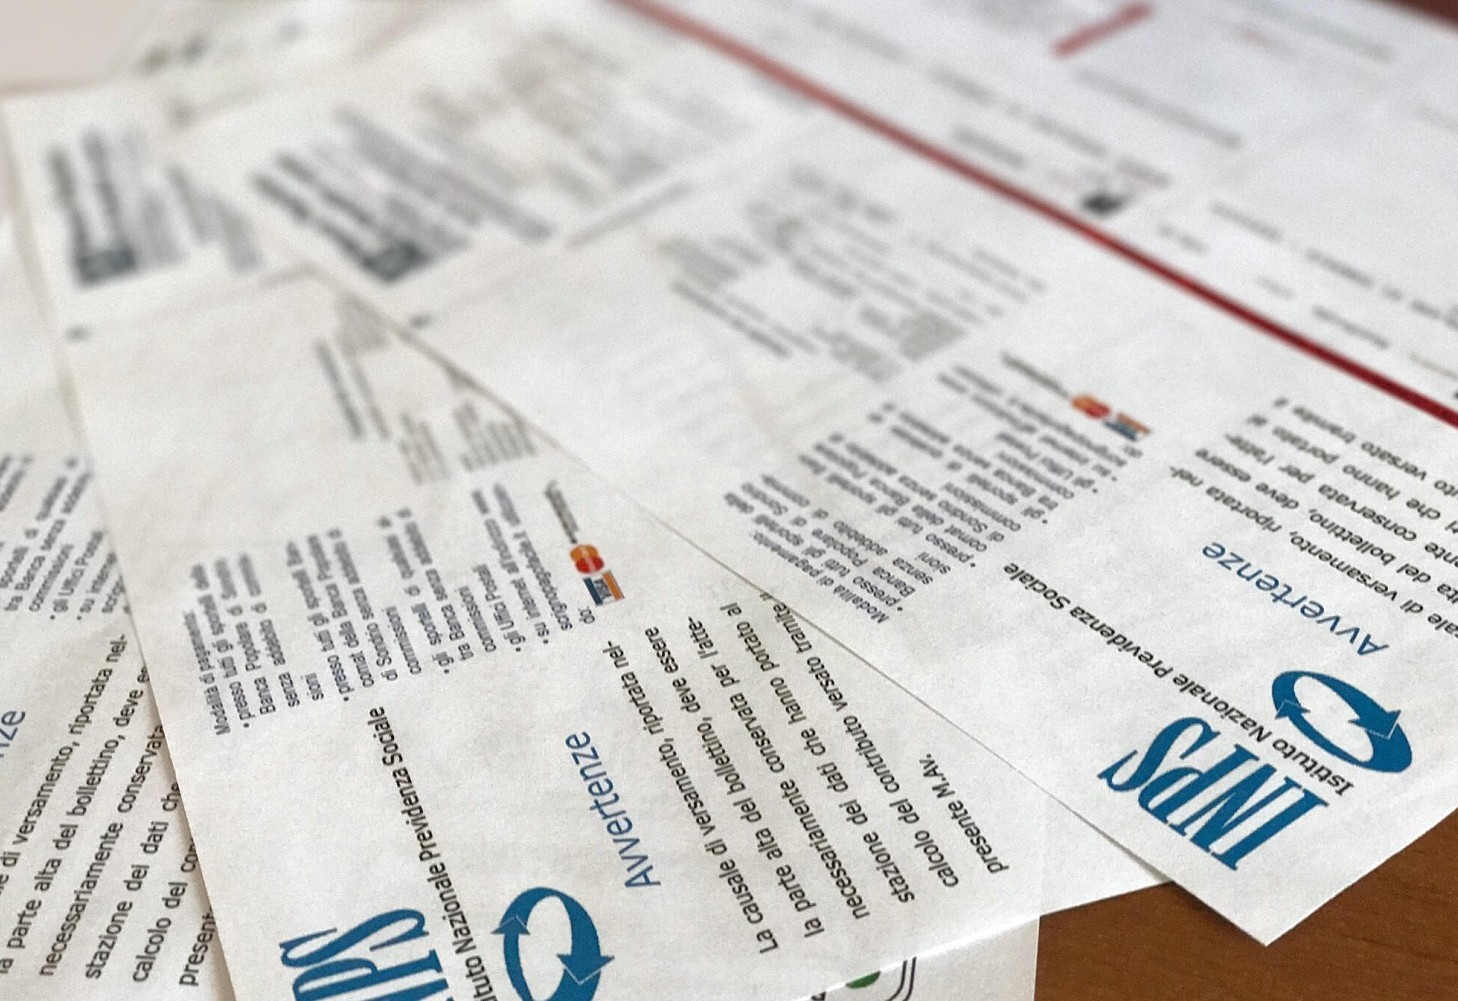 Contributi per la pensione vengono riconosciuti in cassa integrazione